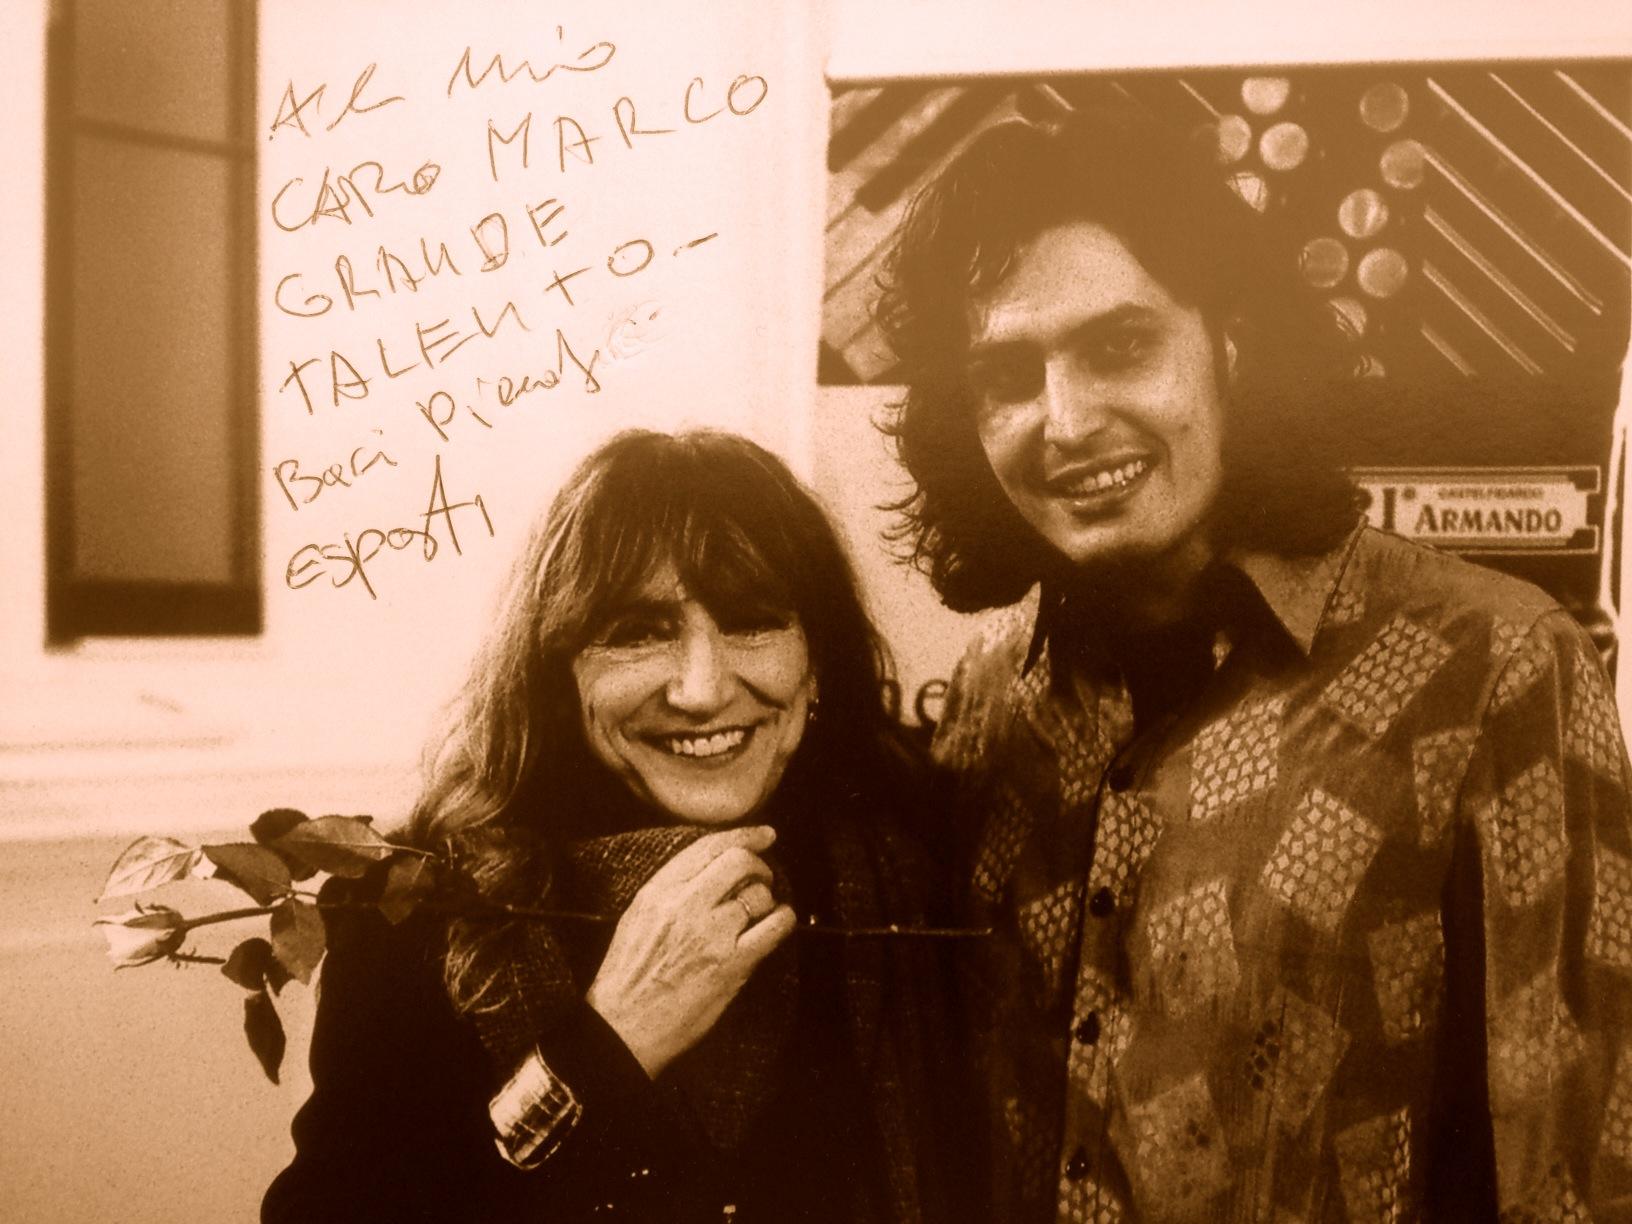 to my dear Marco Lo Russo. Great Talent. Kisses Piera Degli Esposti